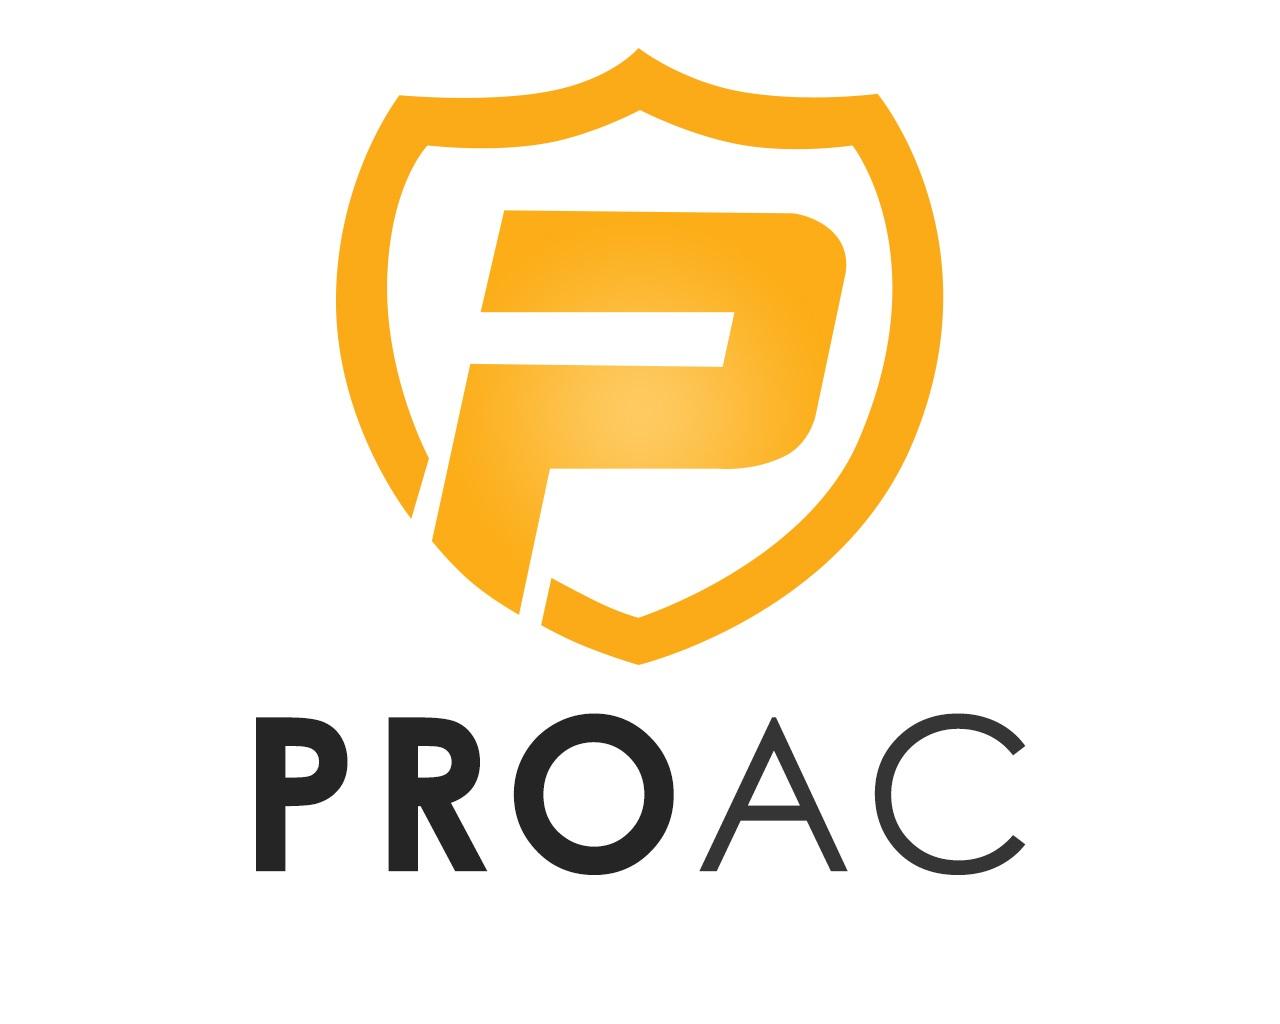 Empresas Desafio10x: Servicios Integrales PROAC SpA